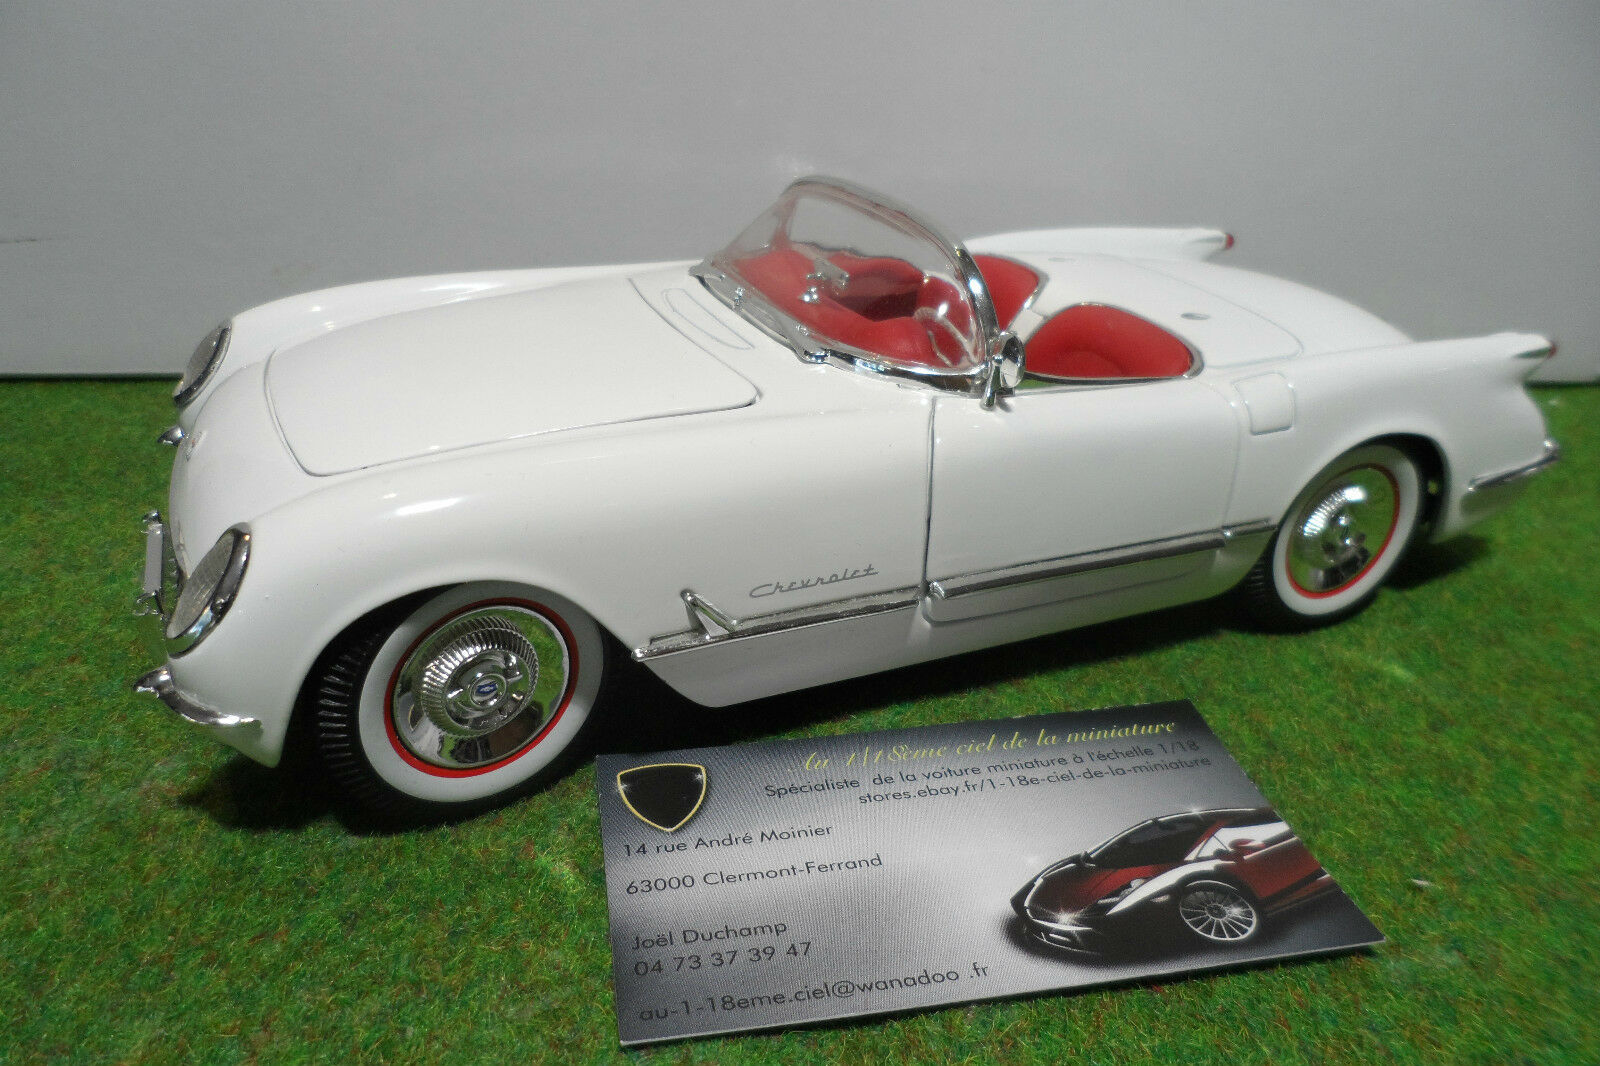 CHEVROLET  CORVETTE cabriolet 1953 50éme anniversaire 1 18 ERTL voiture miniature  100% garantie d'ajustement